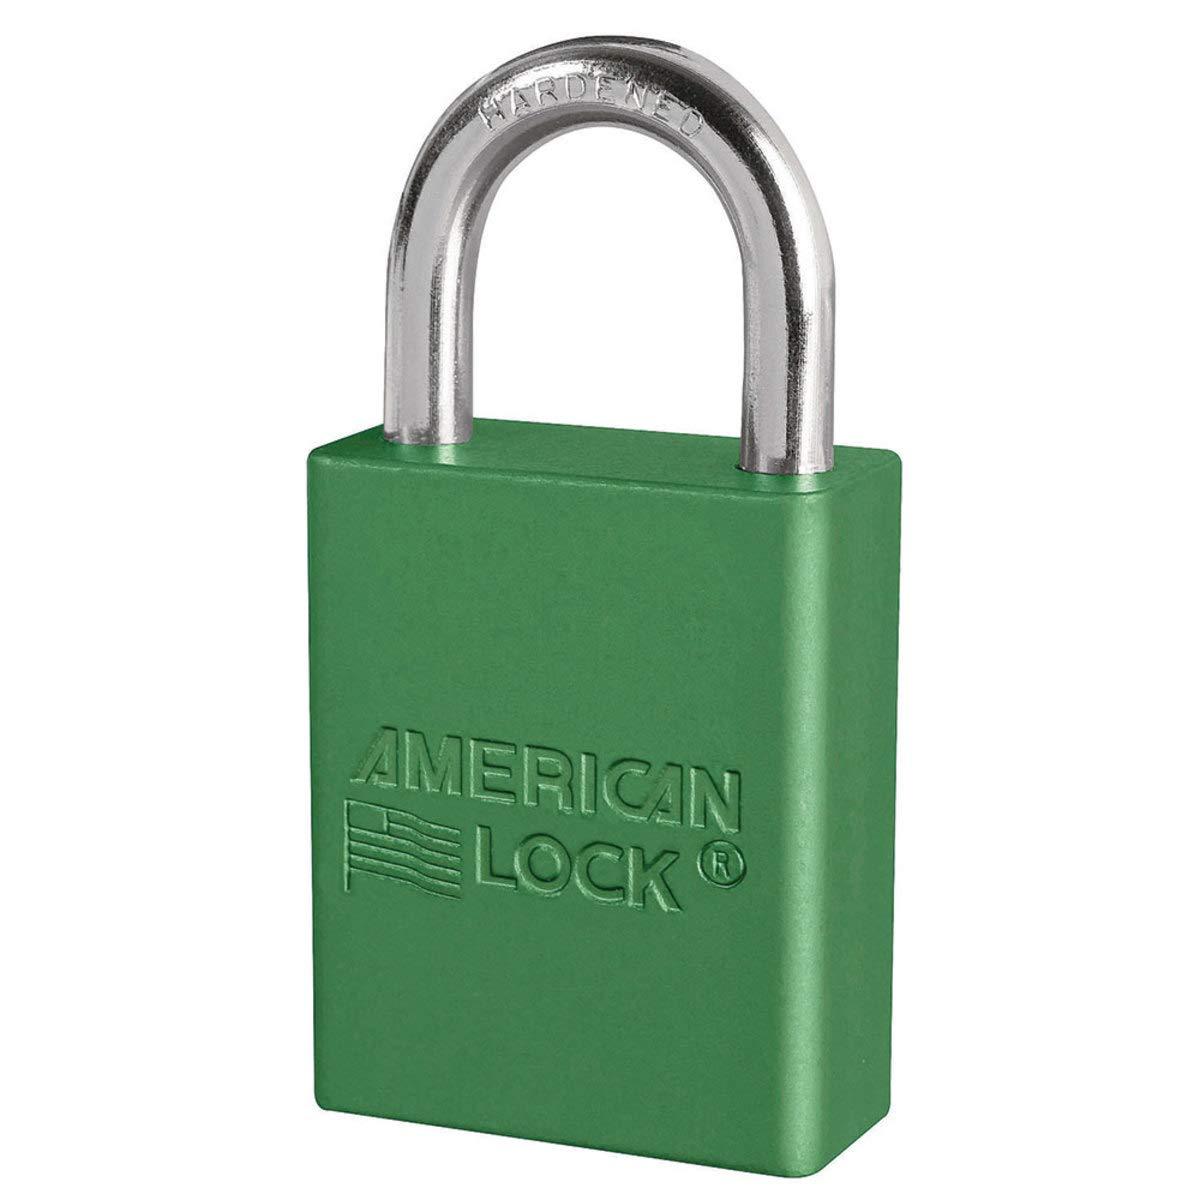 American Lock Green Anodized Aluminum Lifeguard 6 Pin Tumbler Padlock Boron Alloy Shackle - 1 Each